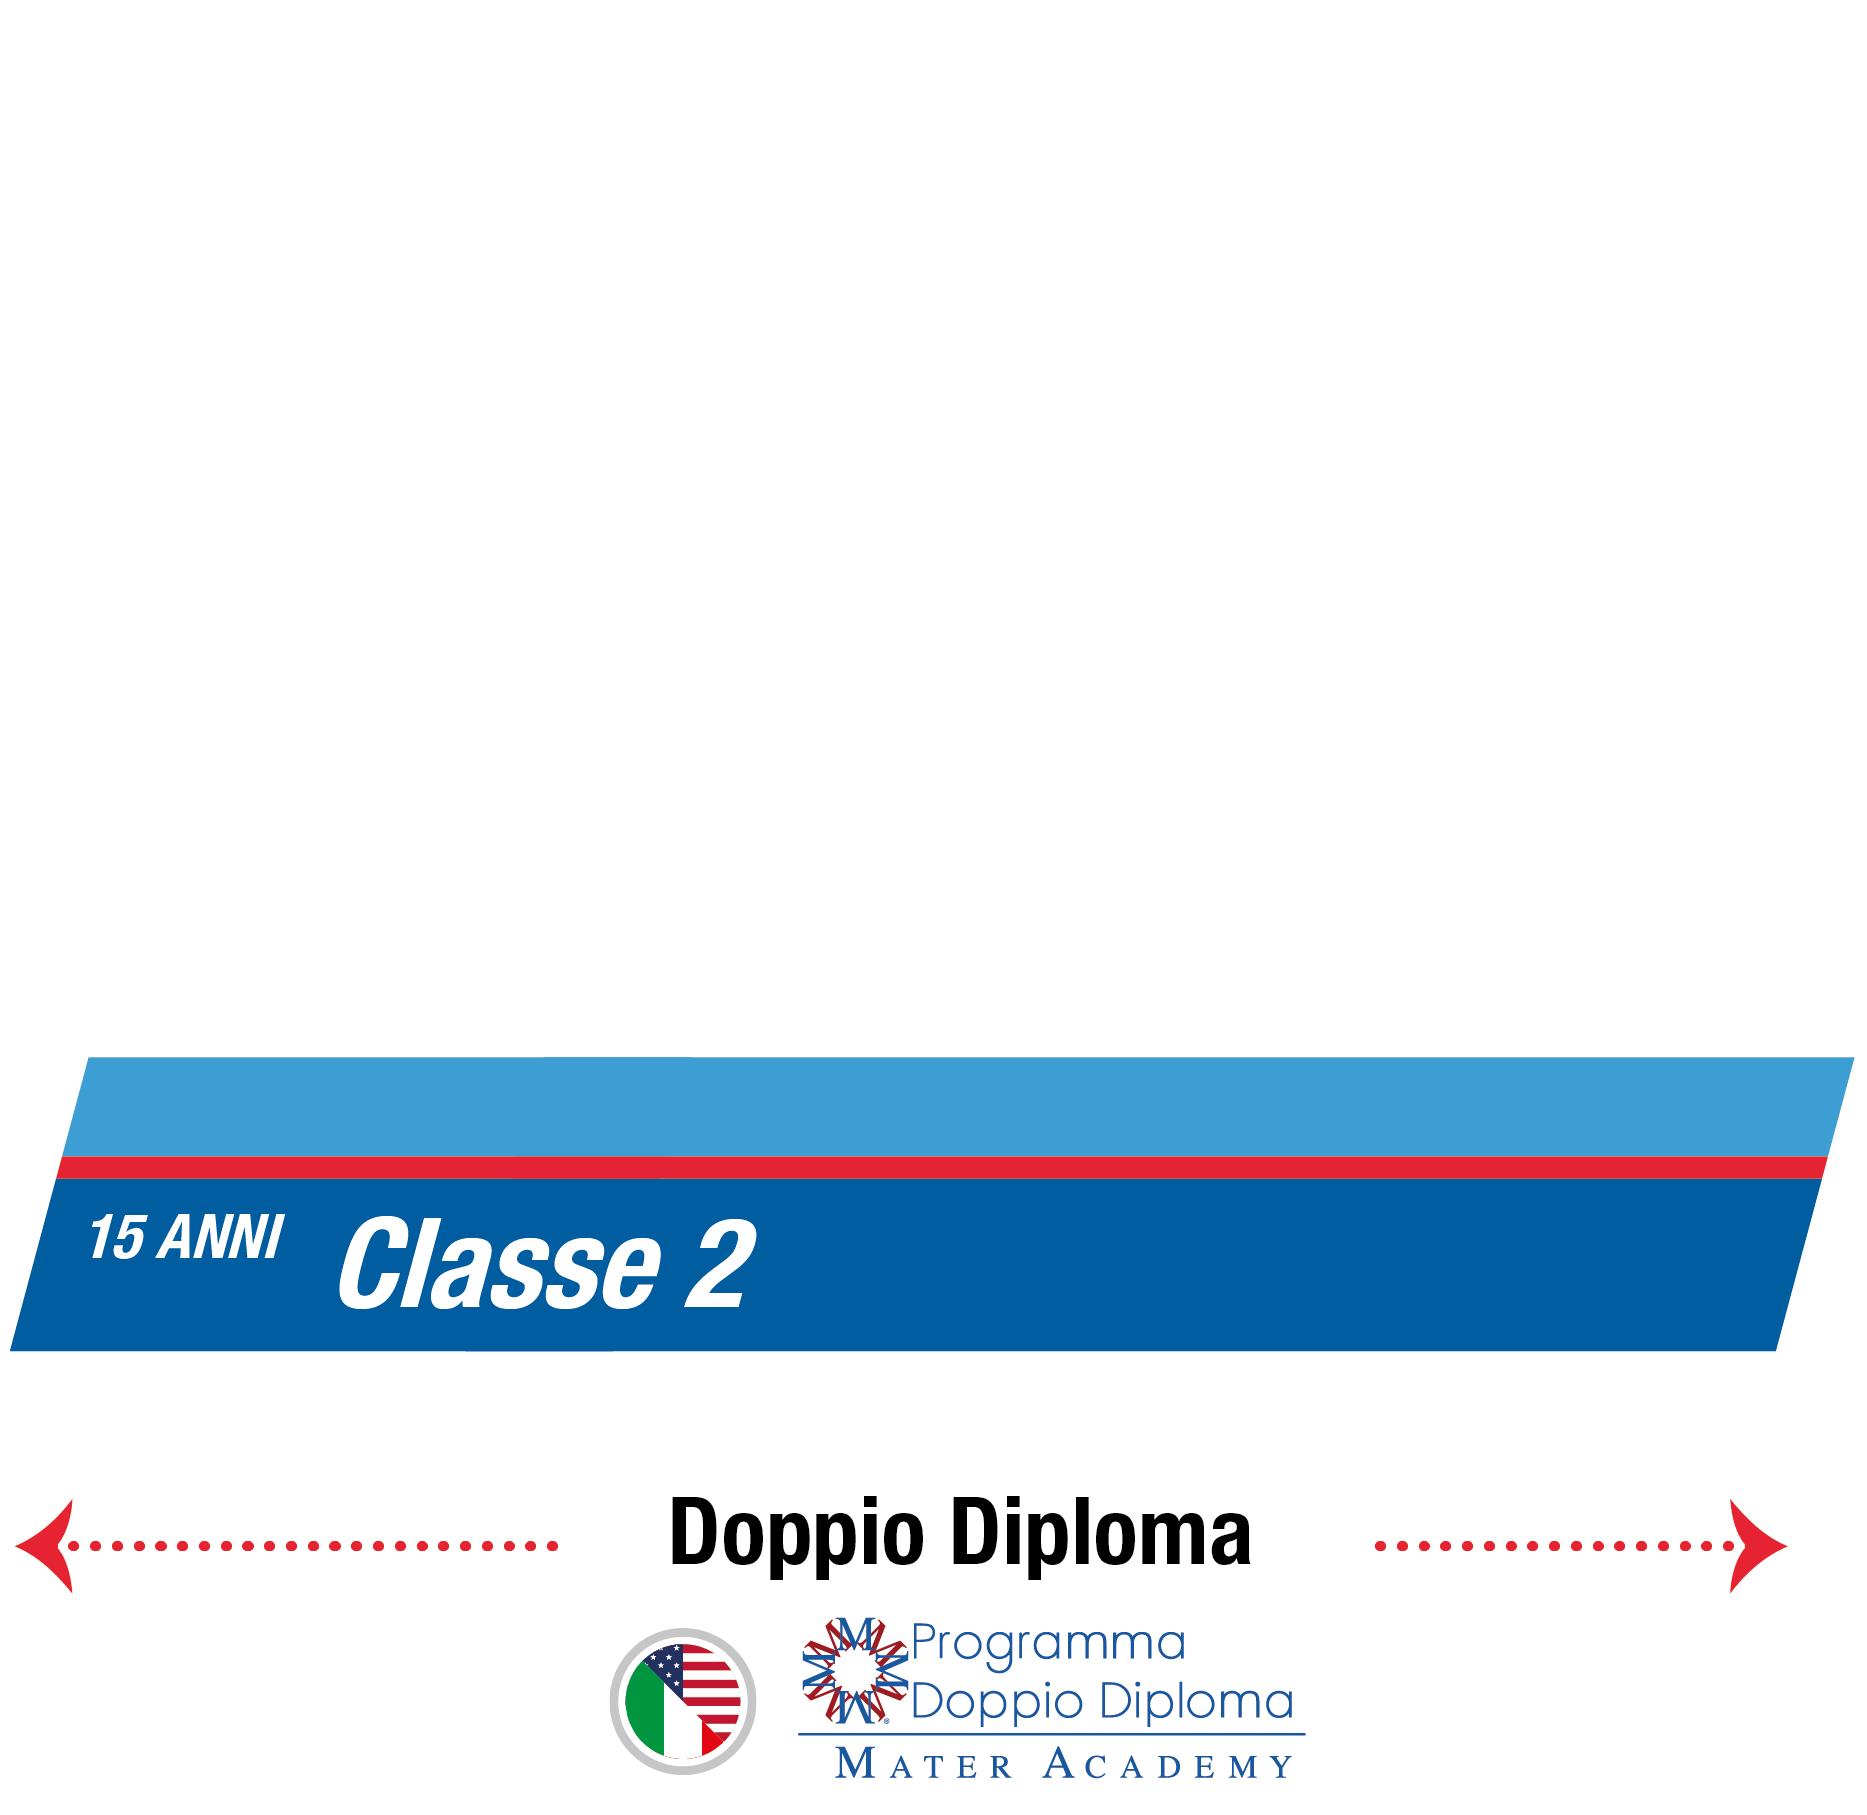 istituto-nobile-aviation-college-doppiodiploma-2anno